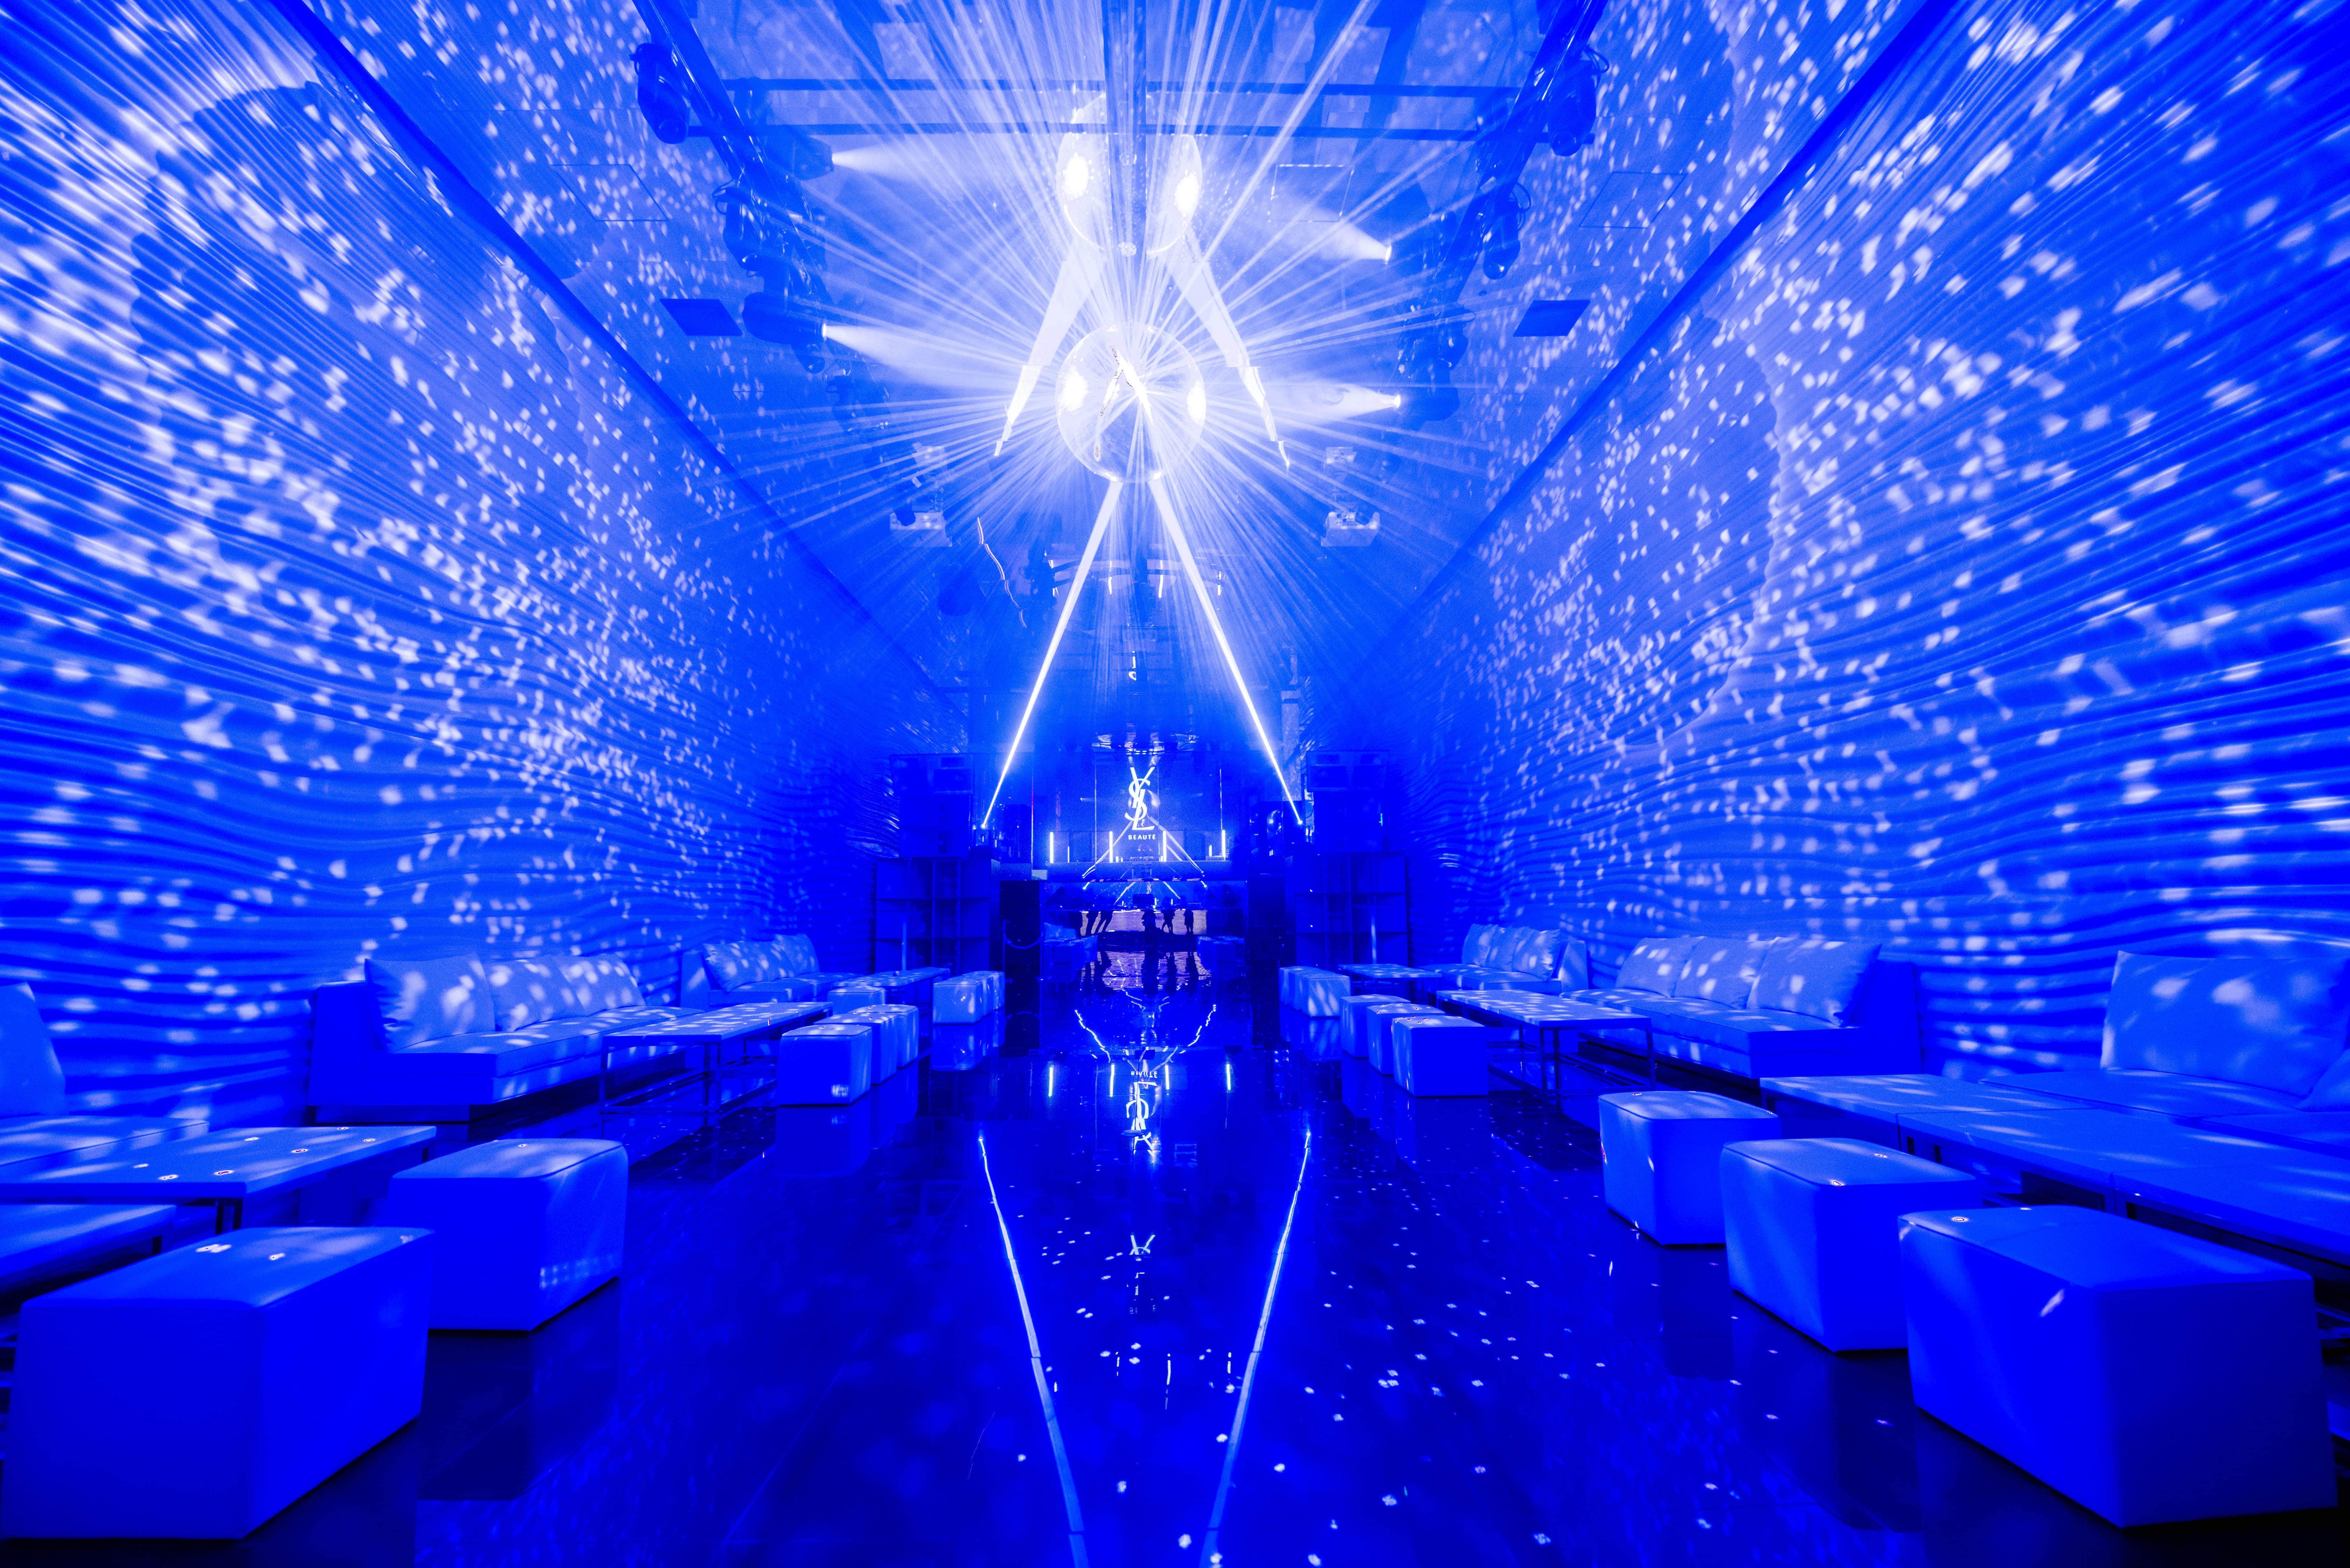 sato-creative-paris-tokyo-Yves Saint Laurent beauty- YSL - tokyo trip influencer - content - brand content - logistic